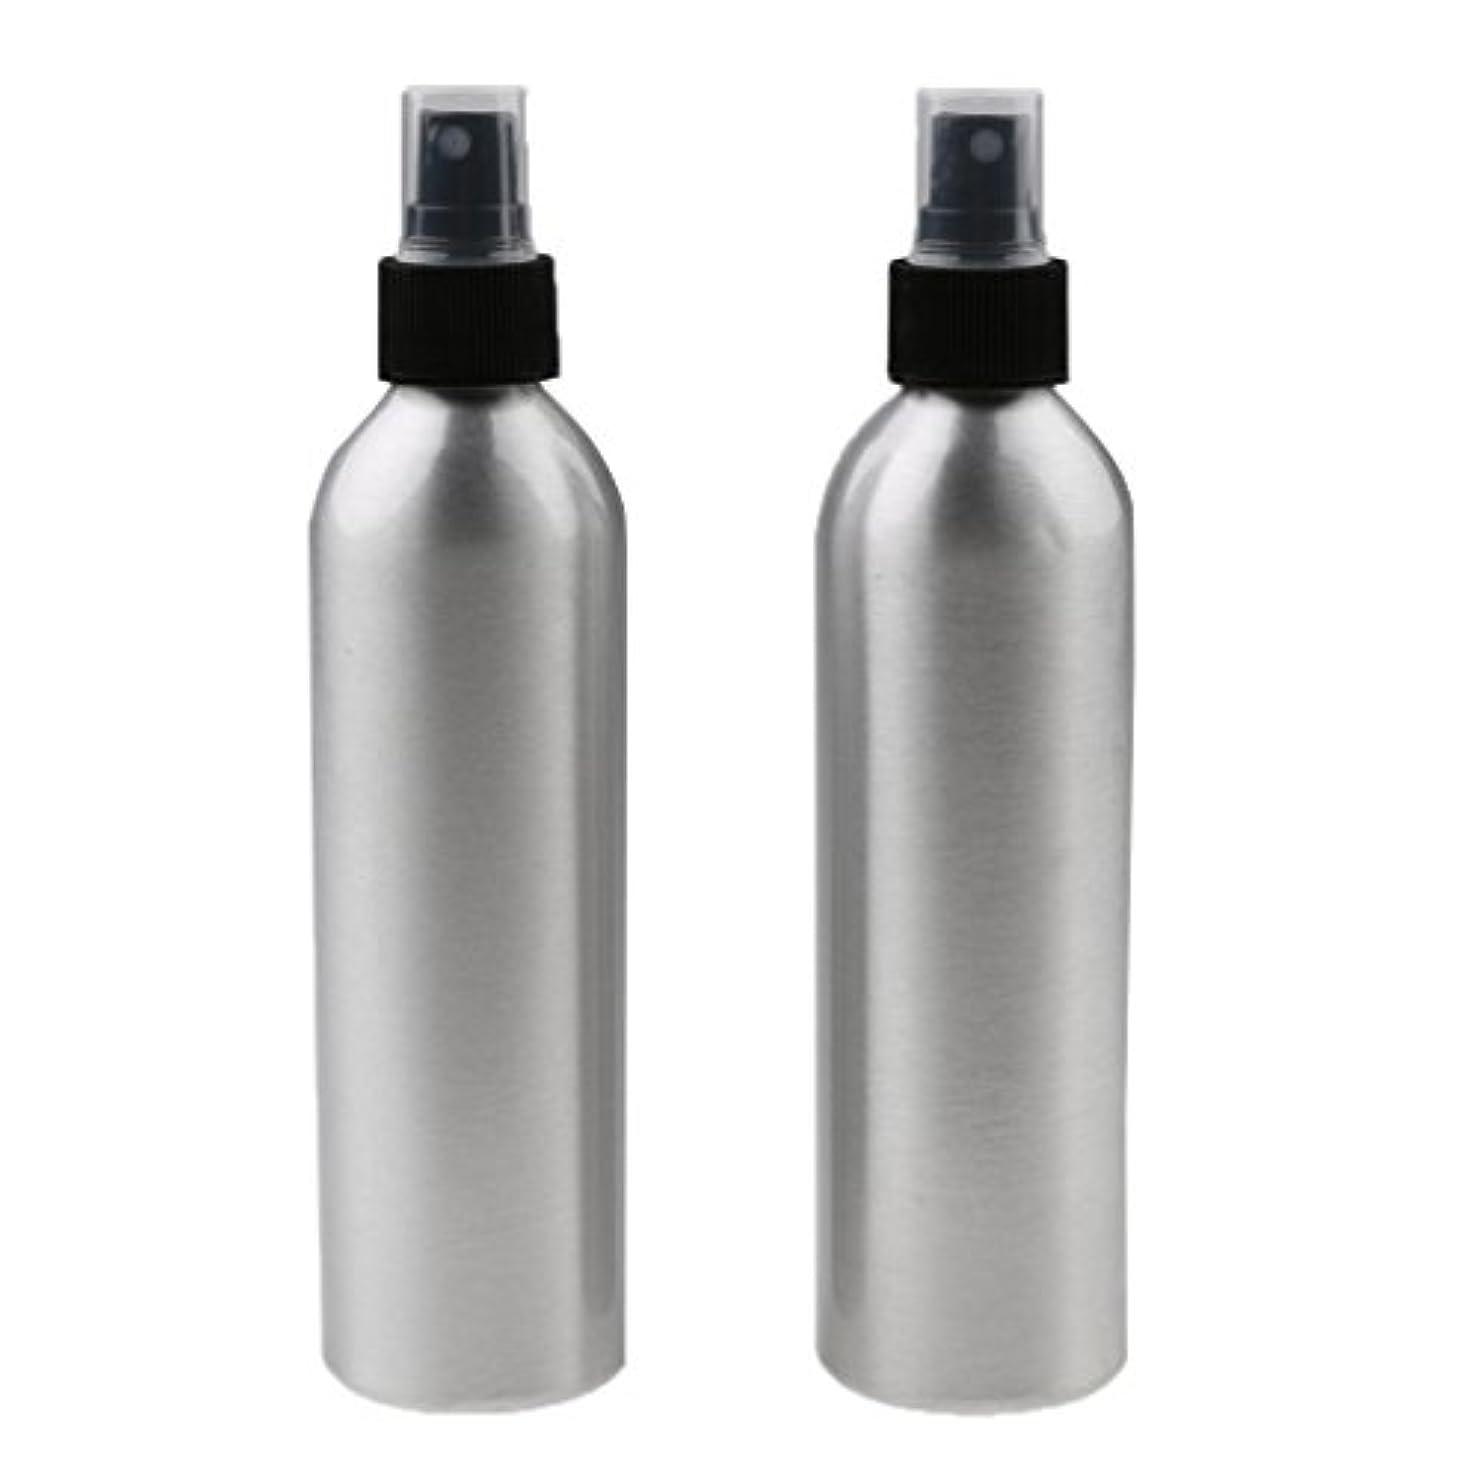 ブリリアントバリー接ぎ木SONONIA 2個入り 旅行 アルミ ミスト スプレー 香水ボトル メイクアップ スプレー アトマイザー 小分けボトル  漏れ防止 出張 海外旅行用 全4サイズ - 100ml